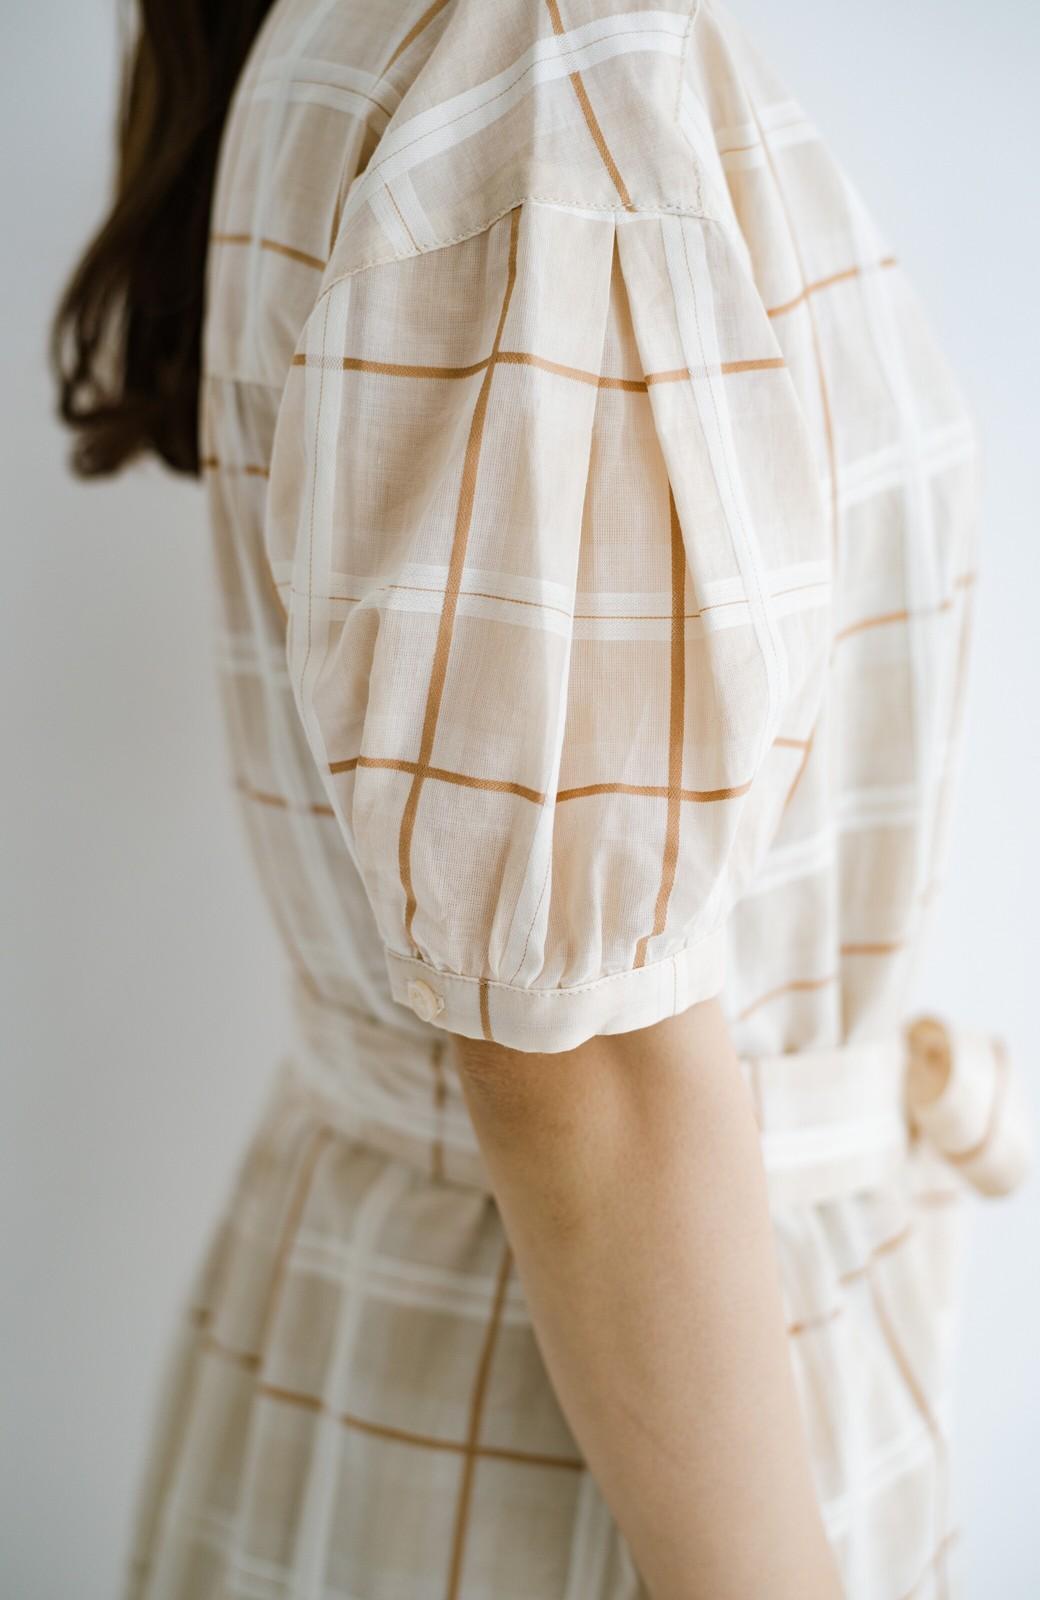 haco! 1枚でも羽織っても様になるベルト付きワンピースとインナーキャミワンピースセット <ライトベージュ>の商品写真6